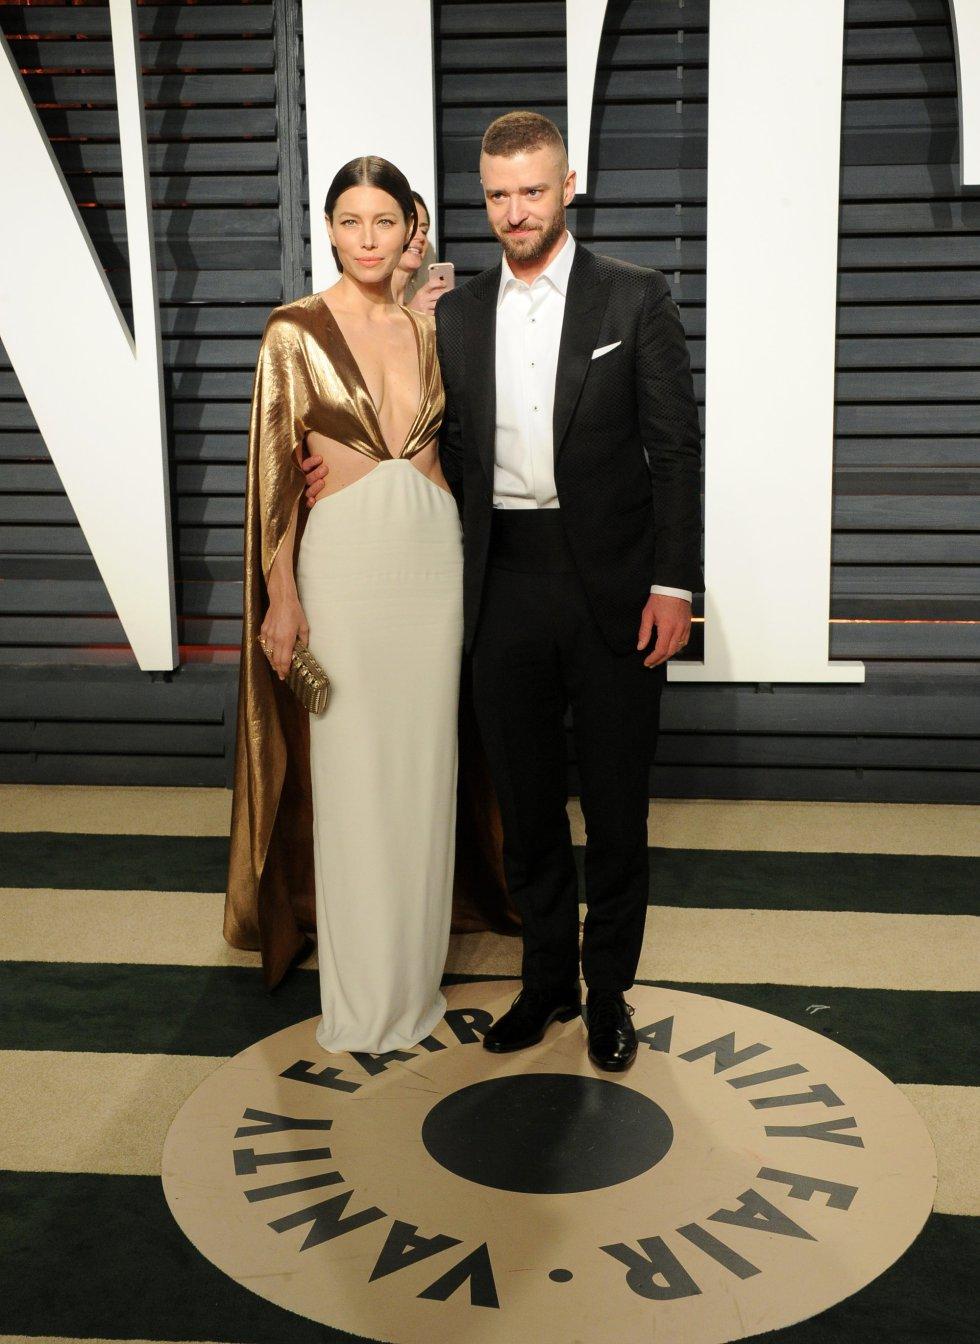 La actriz Jessica Biel con el cantante Justin Timberlake en la fiesta de Vanity Fair.